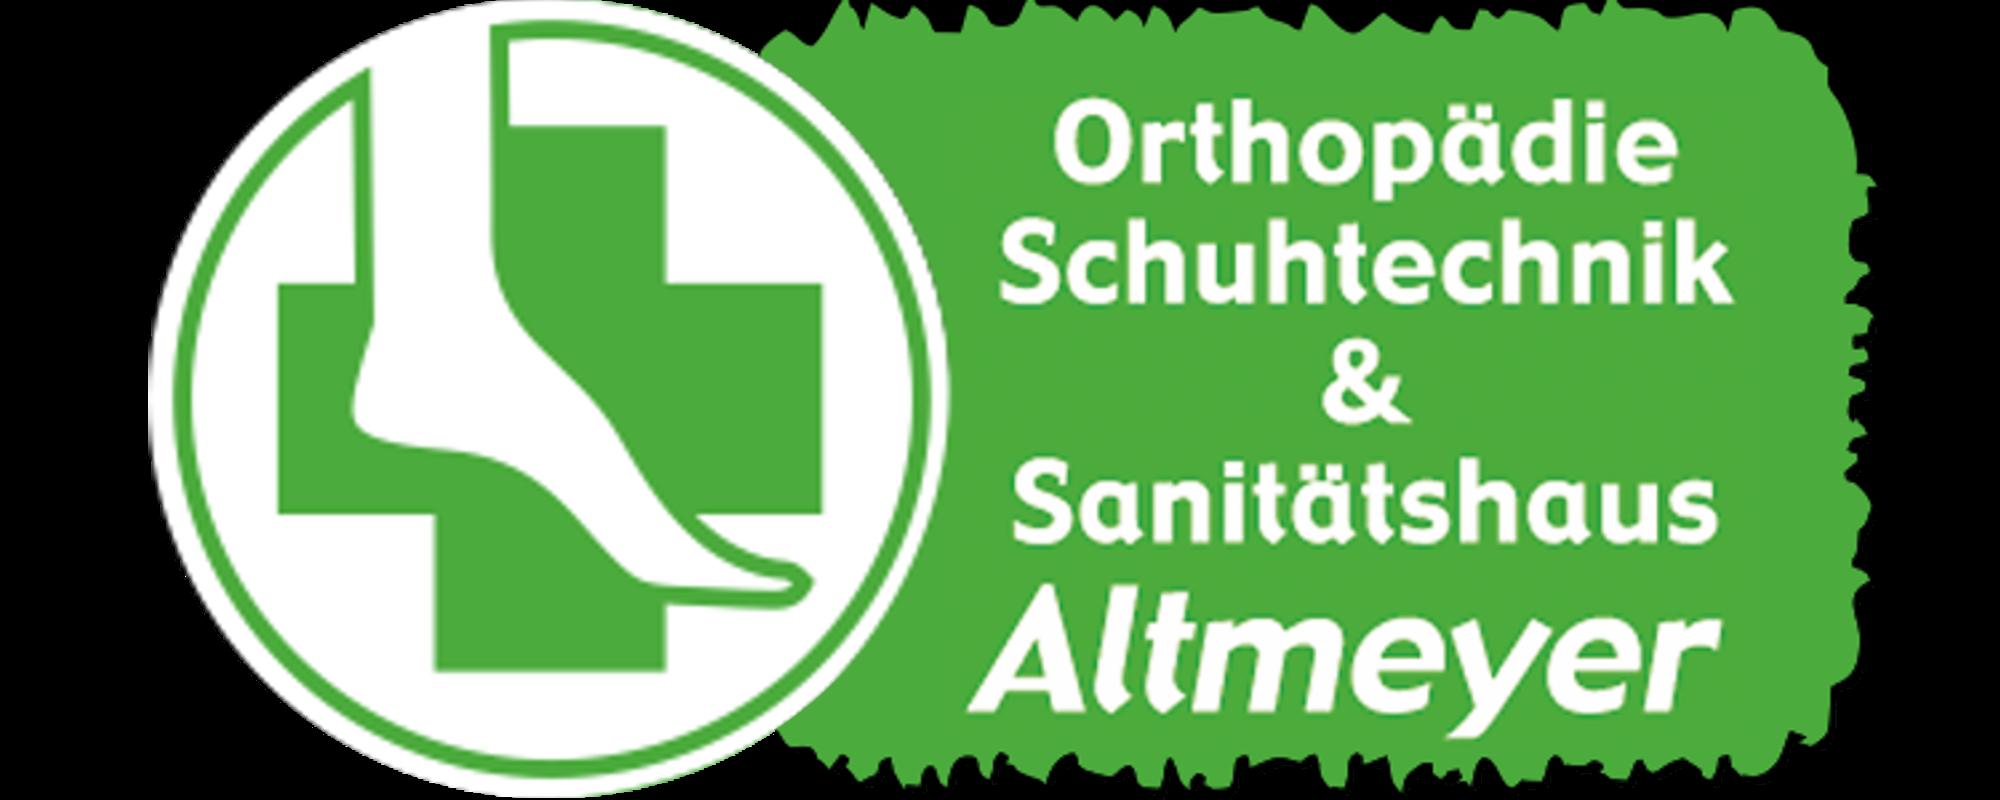 Orthopädie Altmeyer